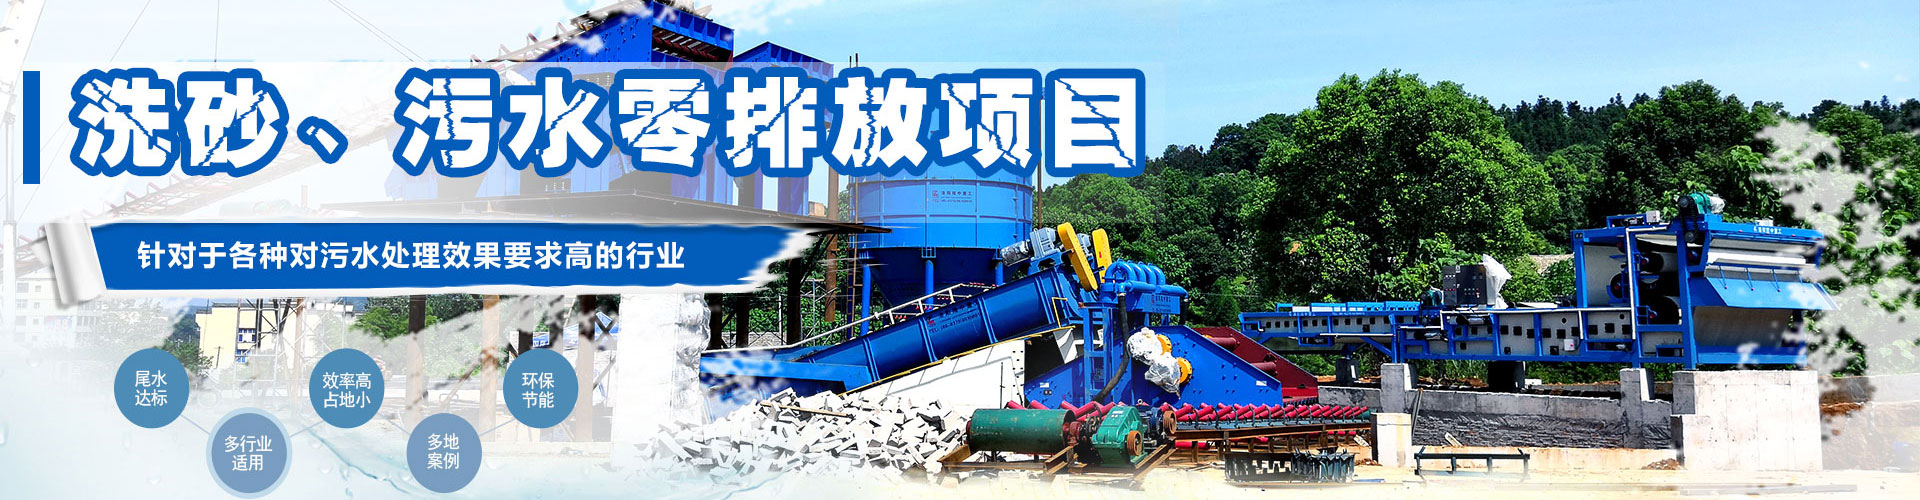 洗砂泥浆处理